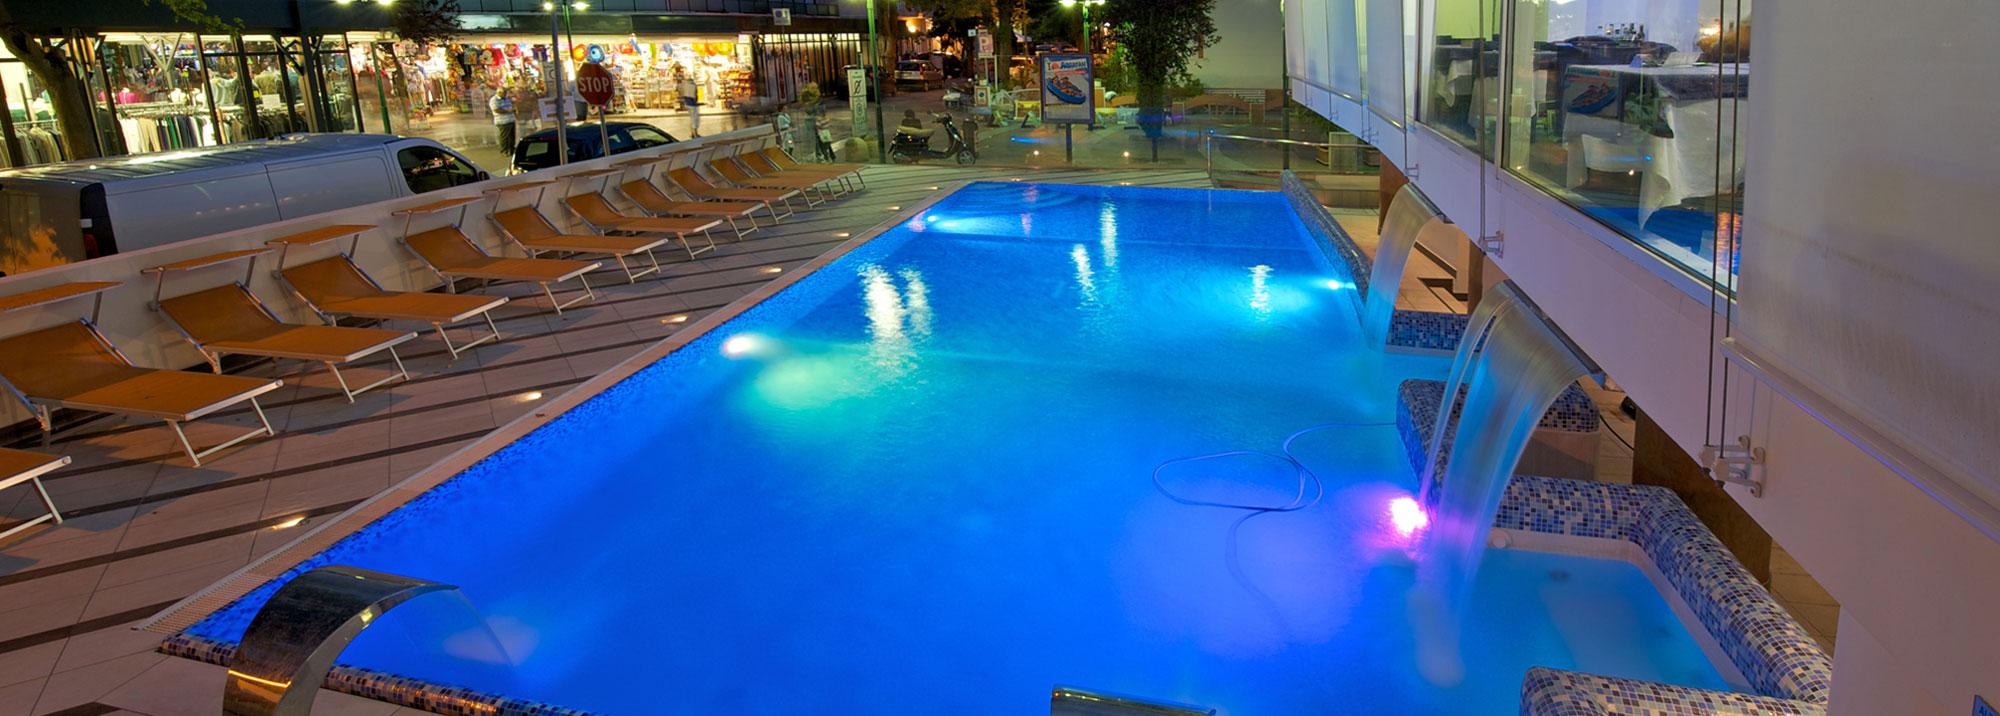 Hotel con piscina cattolica albergo 3 stelle con piscina riscaldata hotel lido cattolica - Hotel a pejo con piscina ...